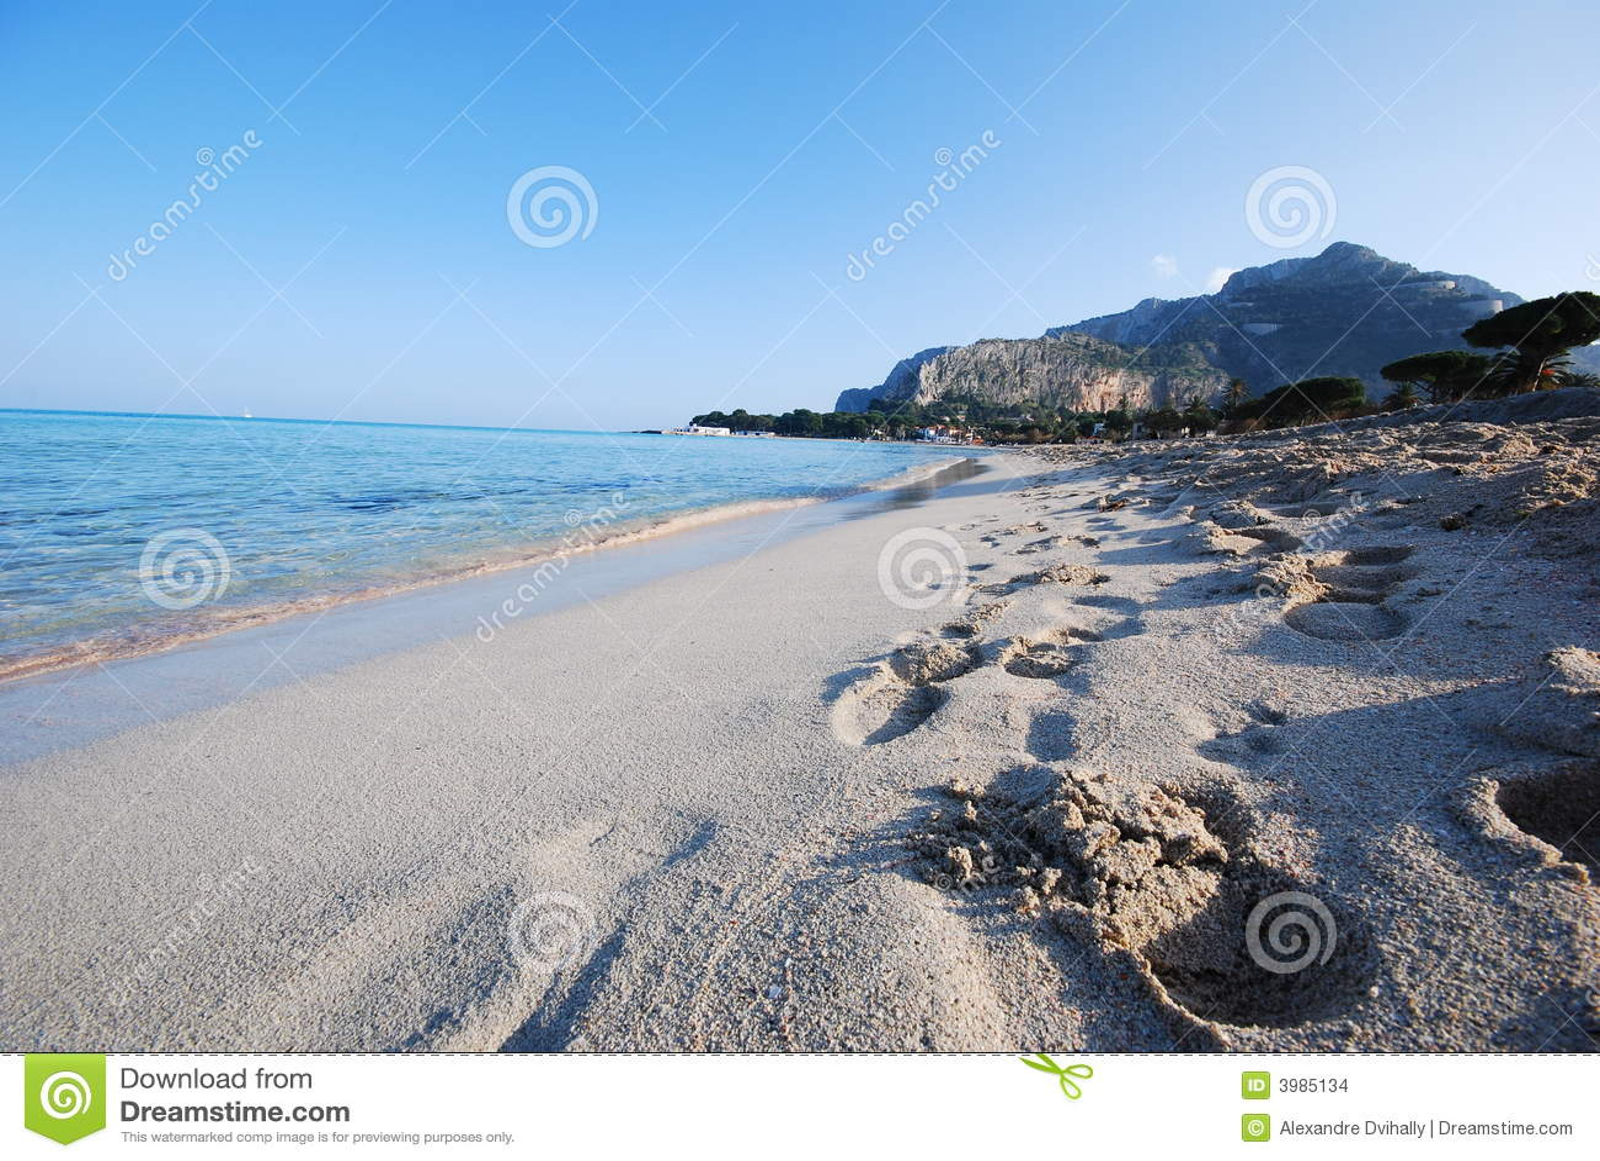 Plage côtière - Sicile